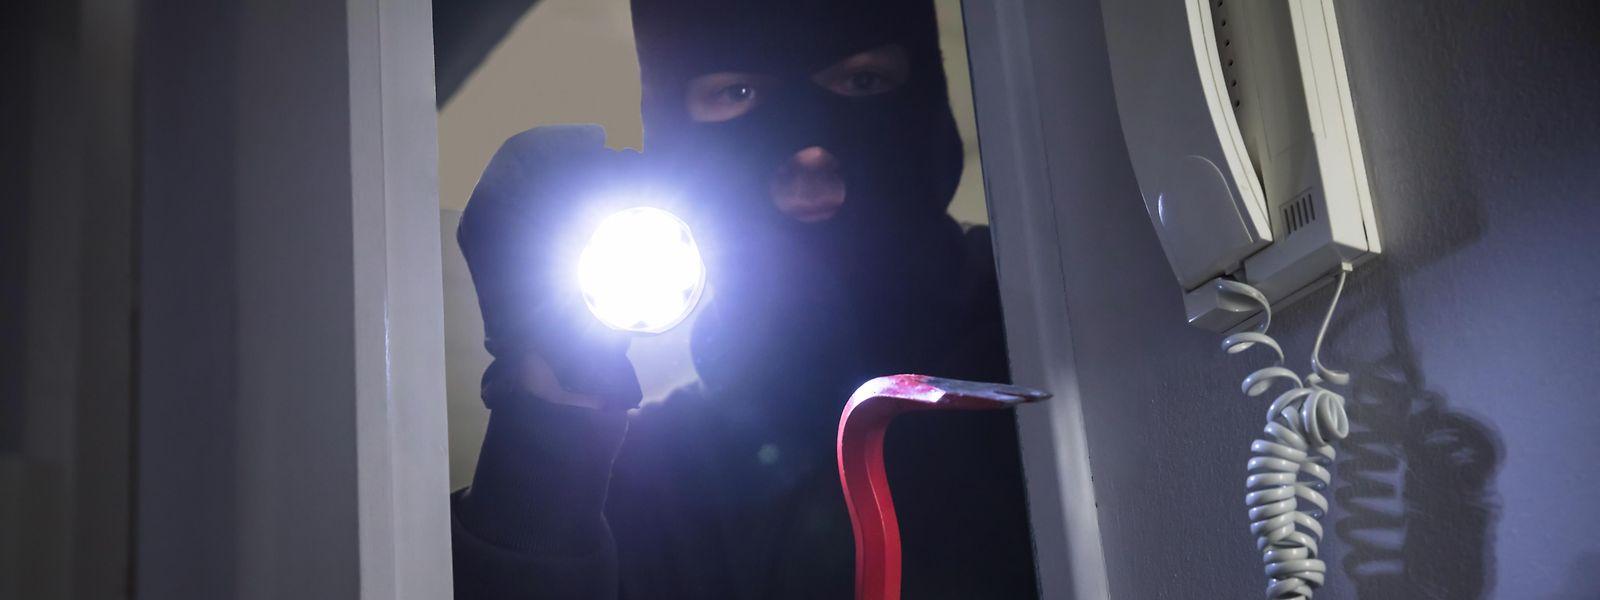 Den Angeklagten werden zwei beziehungsweise drei Homejackings und vier Einbrüche vorgeworfen.